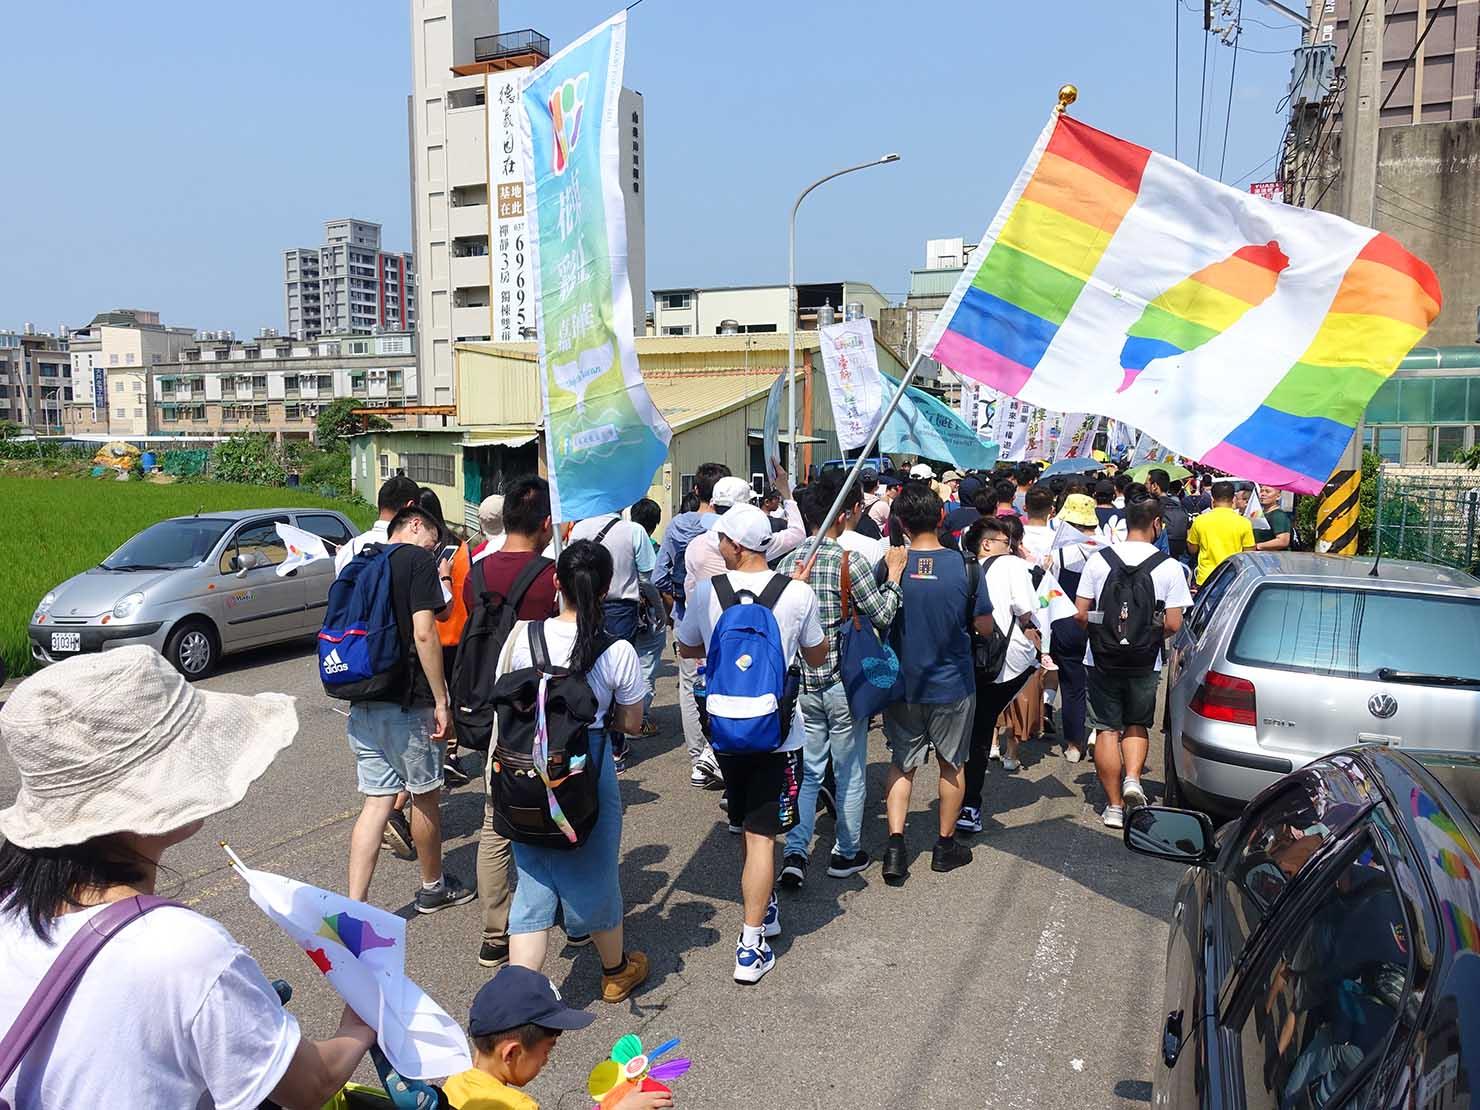 苗栗愛轉來平權遊行(苗栗LGBTプライド)2019で水田の横を通り抜けるパレード